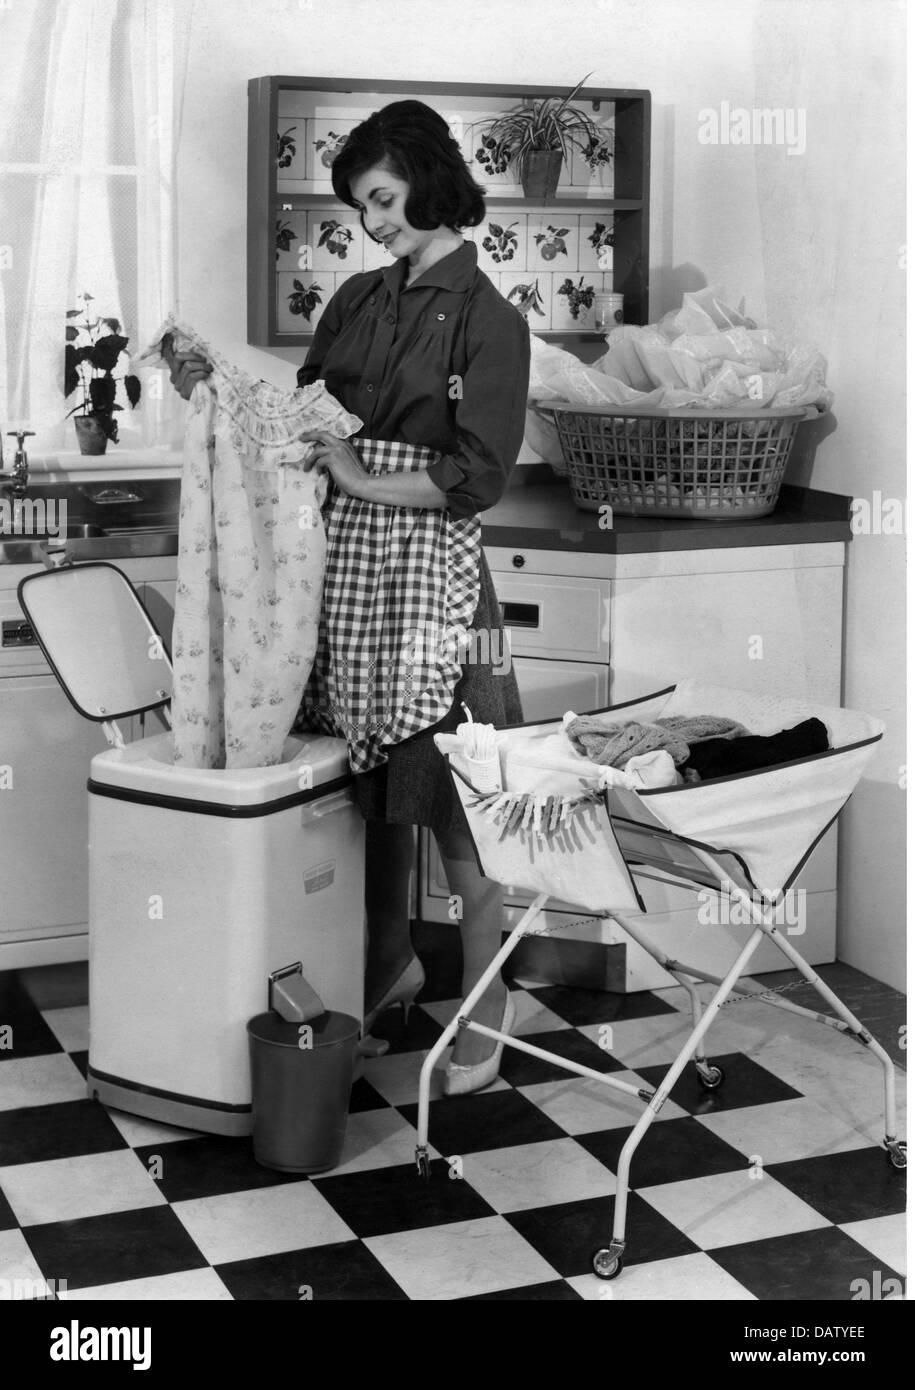 Haushalt waschen hausfrau die ihre w sche trocknen im - Wasche im schlafzimmer trocknen ...